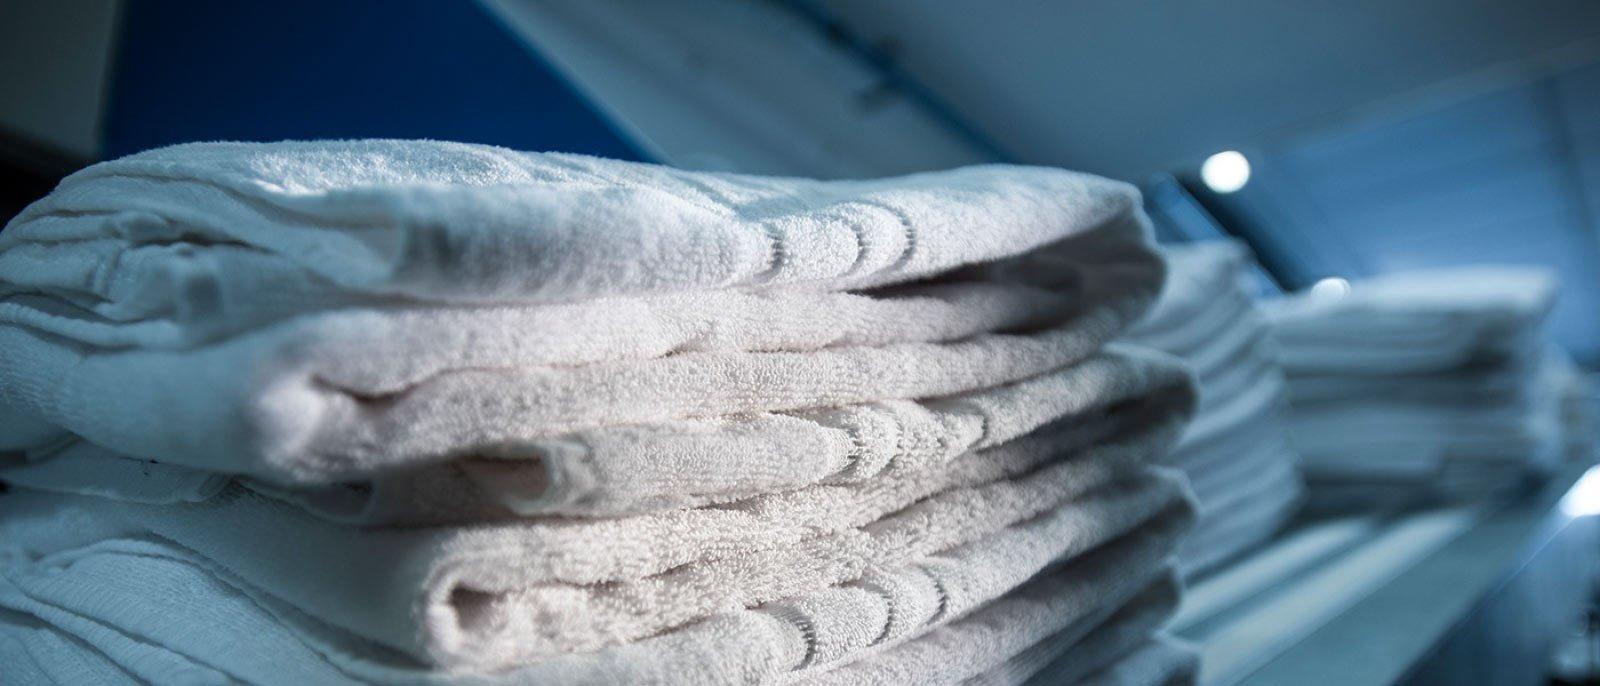 Lavaggio e igienizzazione